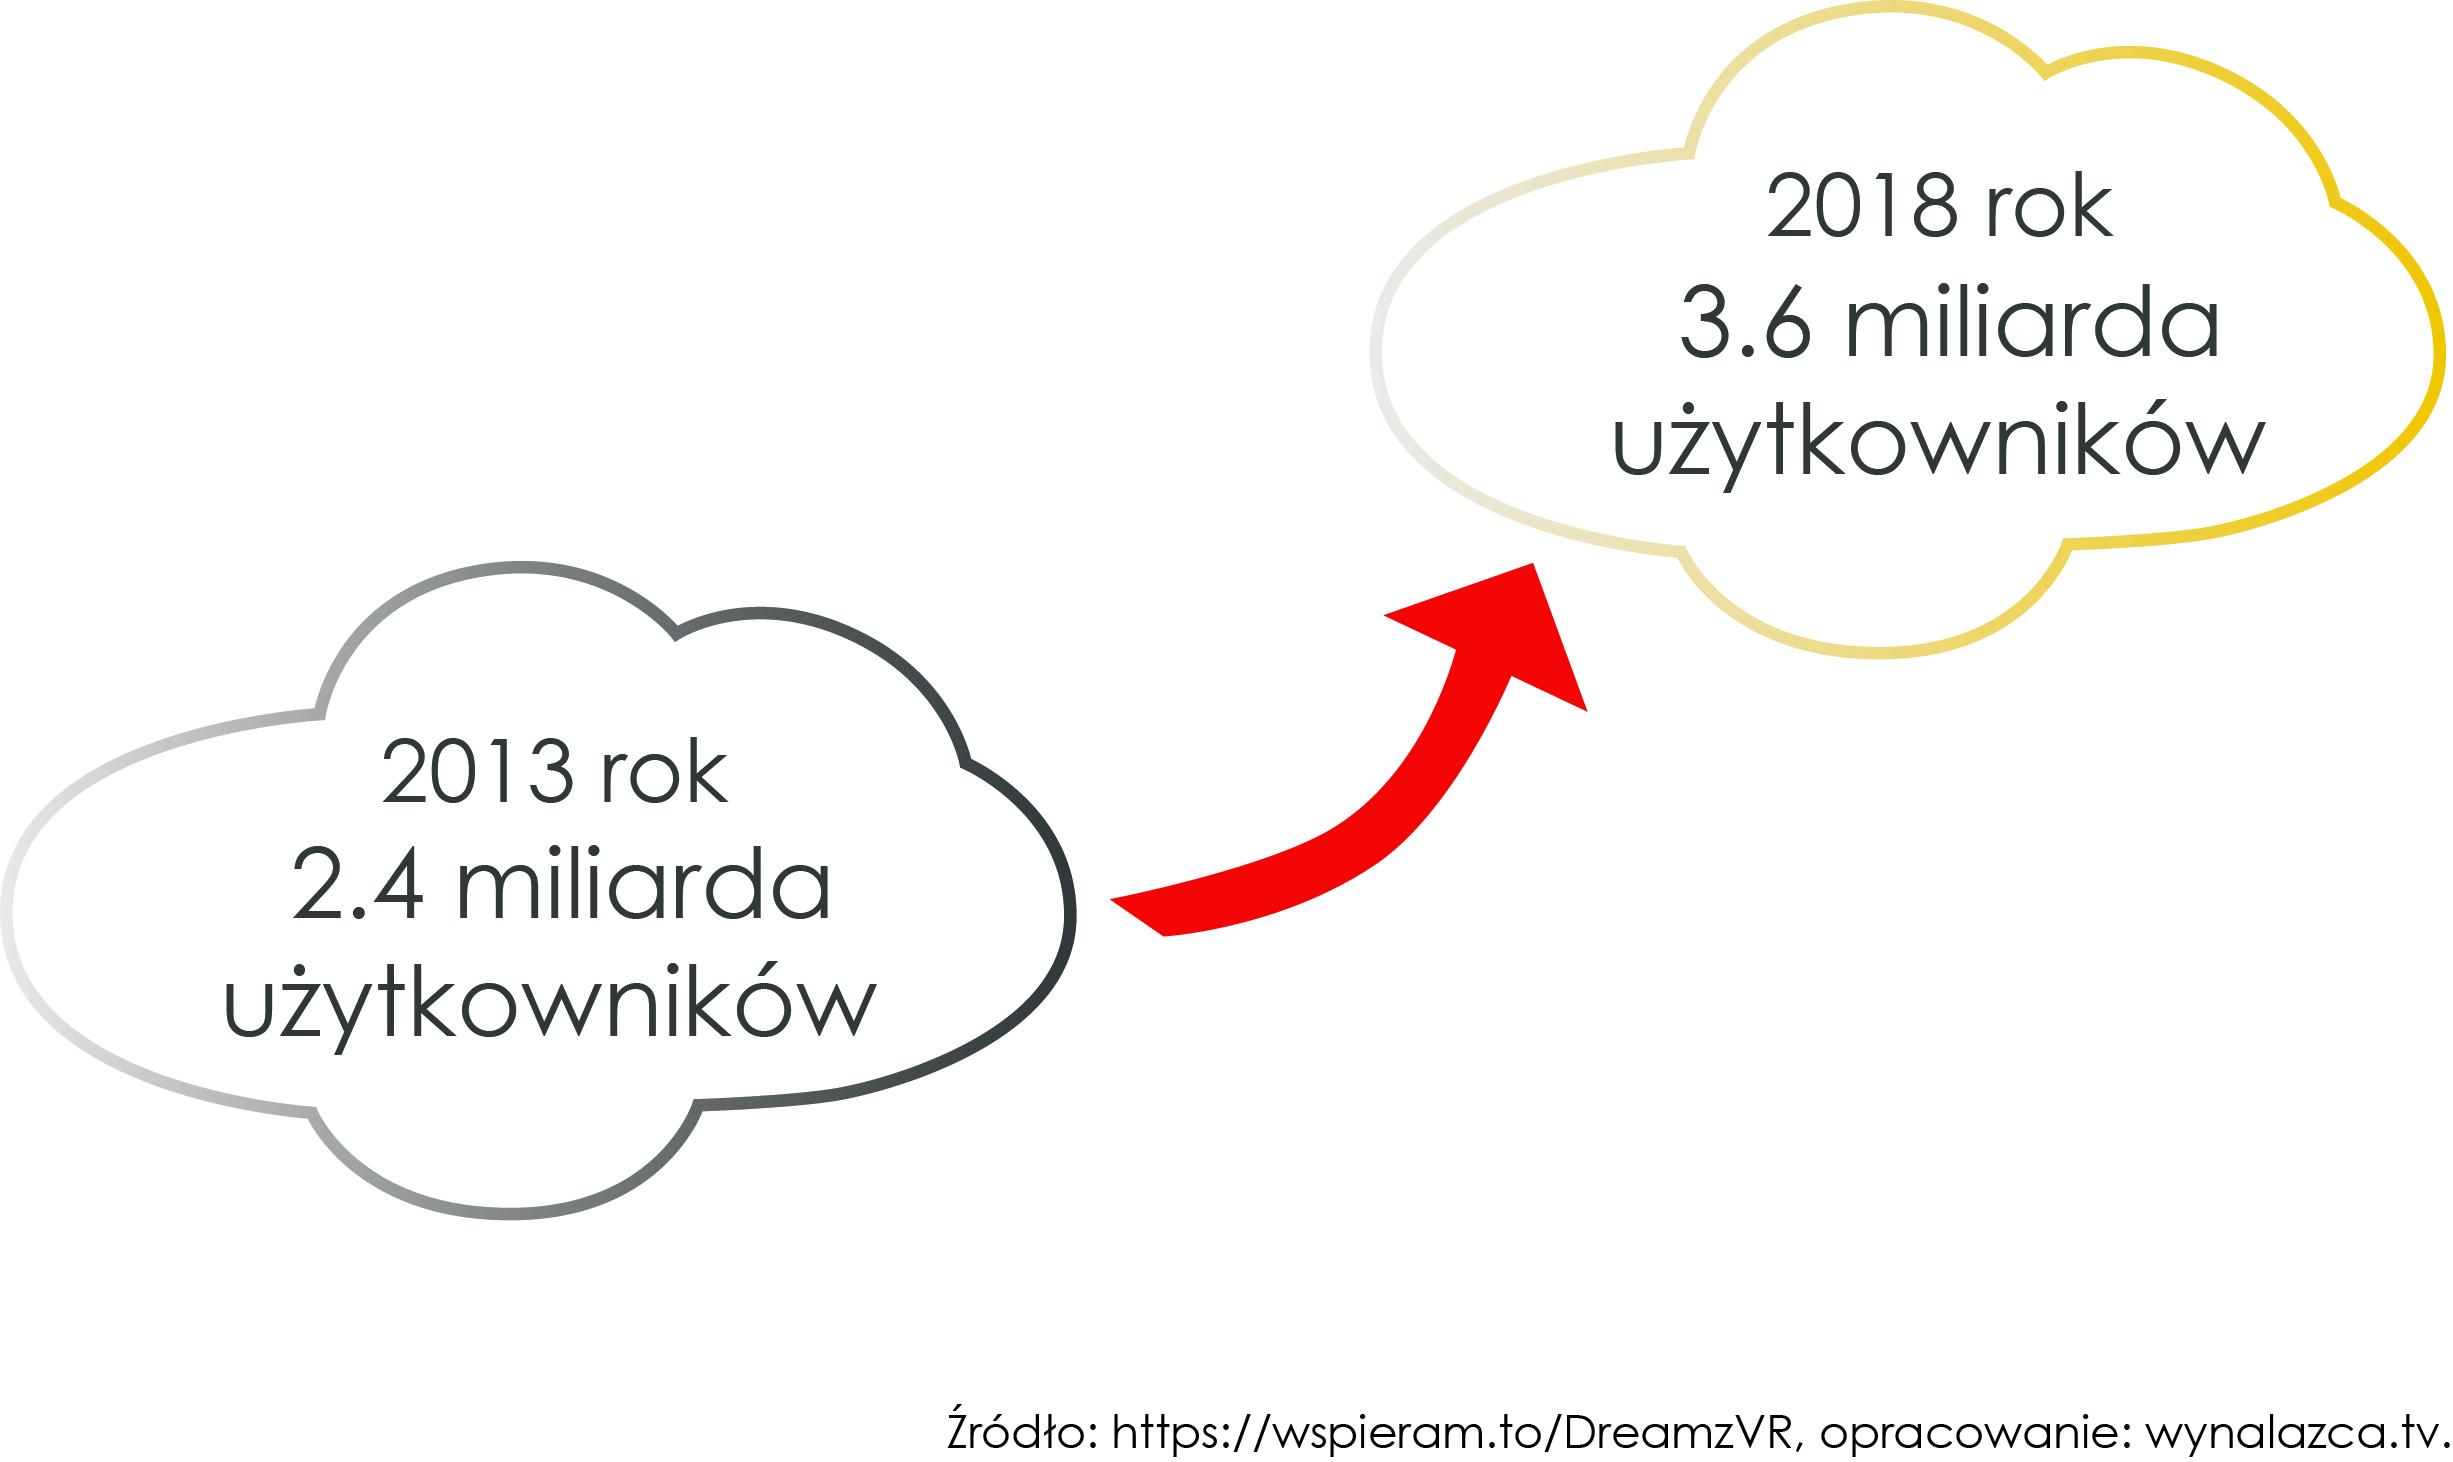 Ilosc uzytkownikow